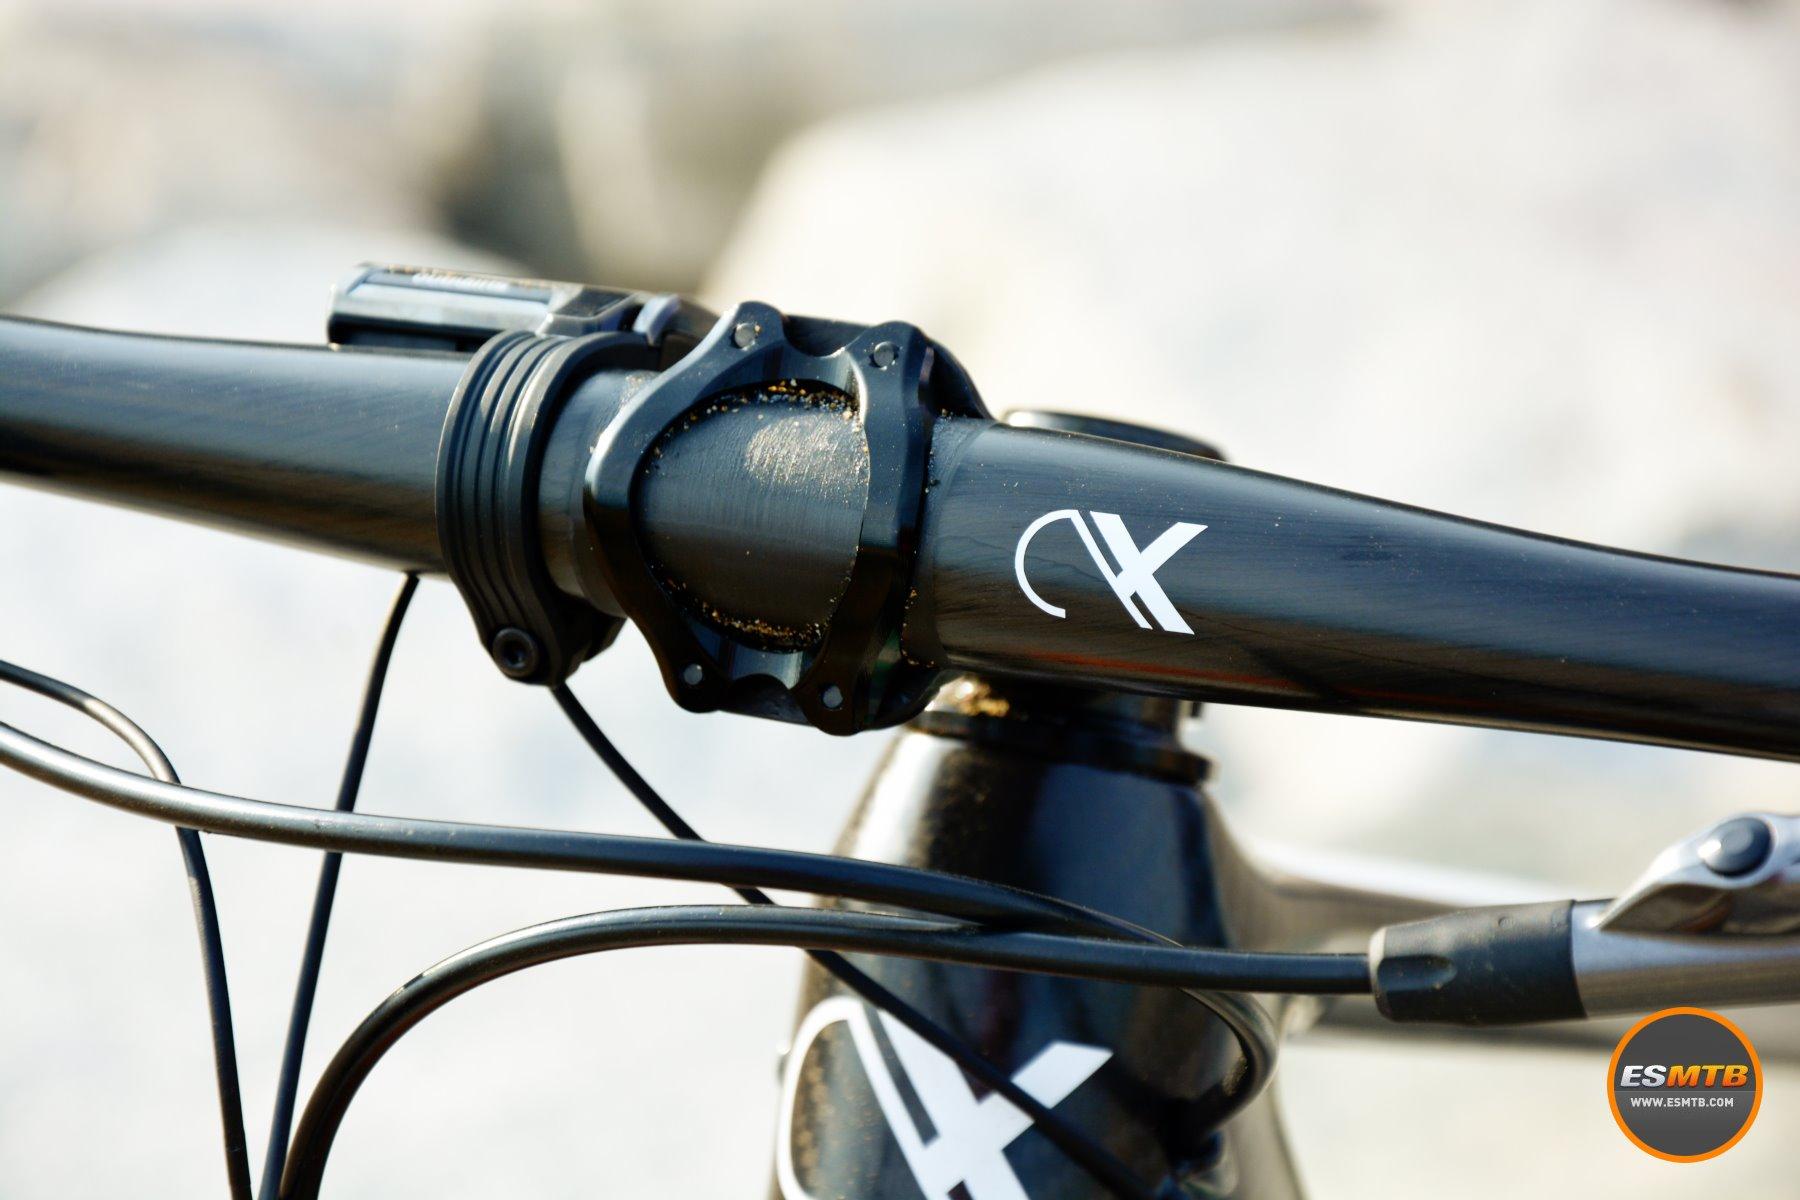 La combinación de manillar y potencia AX-Lightness garantía limar un buen puñado de gramos